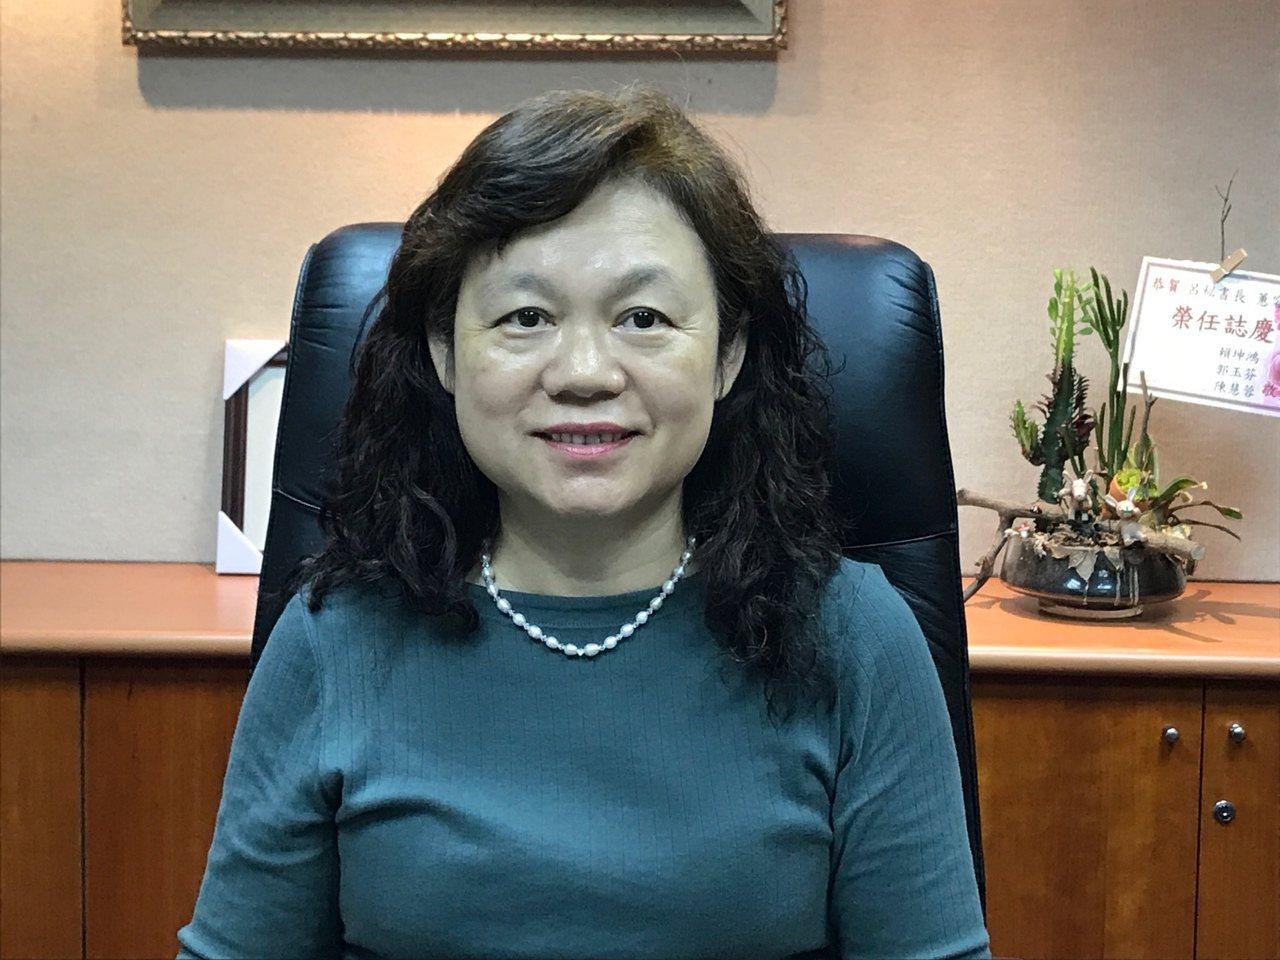 信託公會秘書長呂蕙容。記者陳怡慈/攝影